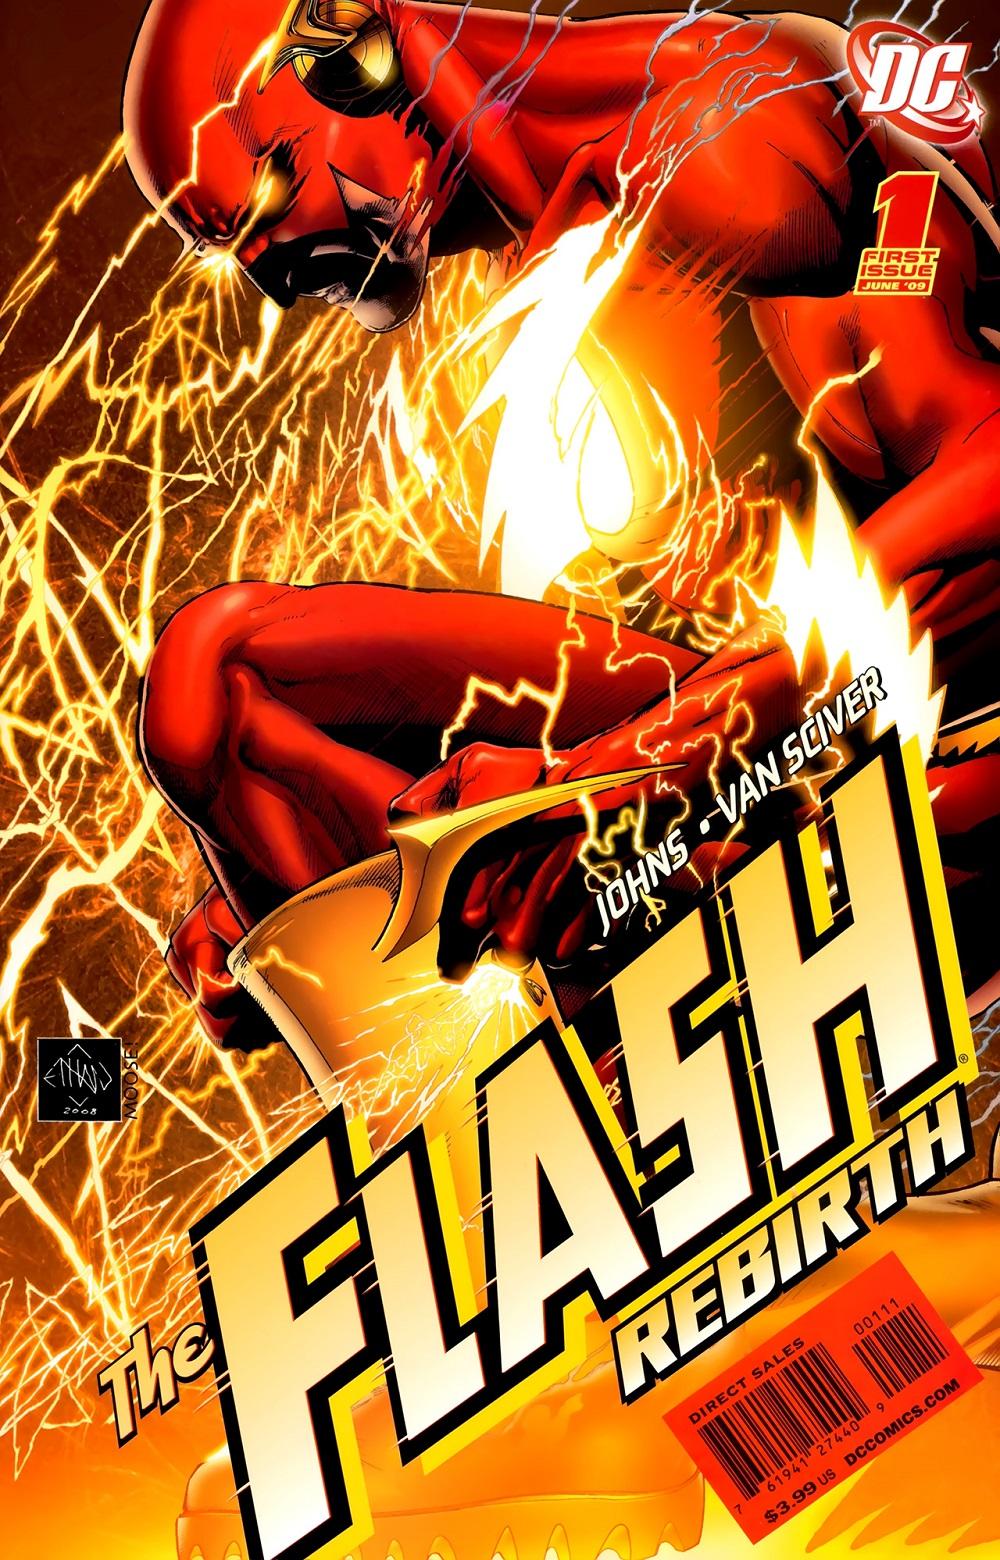 Review VO de The Flash : Rebirth